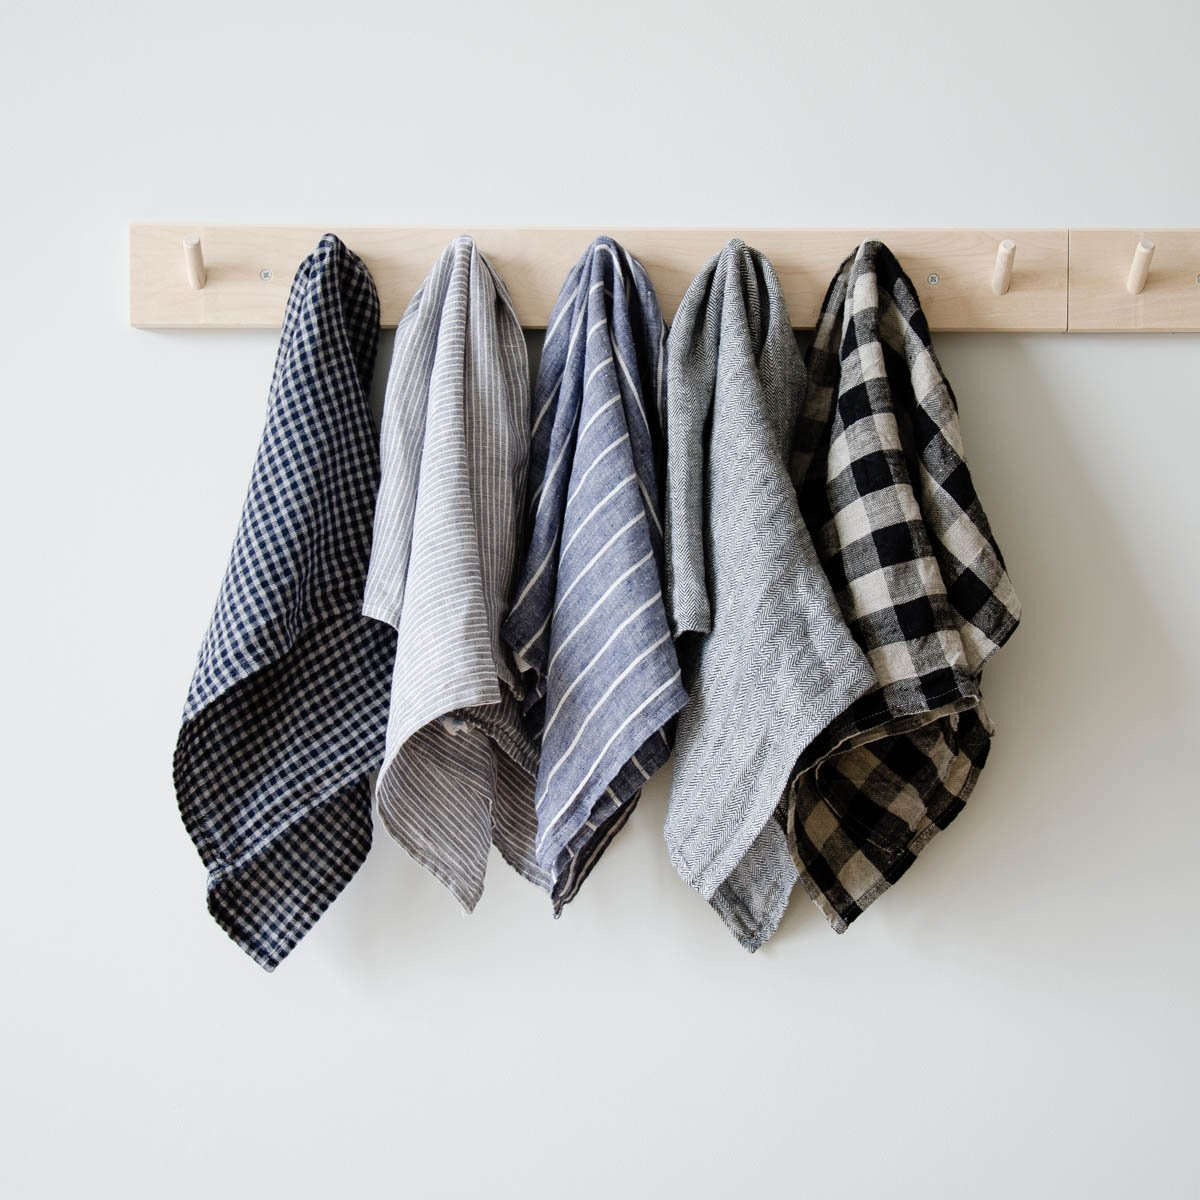 Льняное полотенце для кухни: делаем правильный выбор